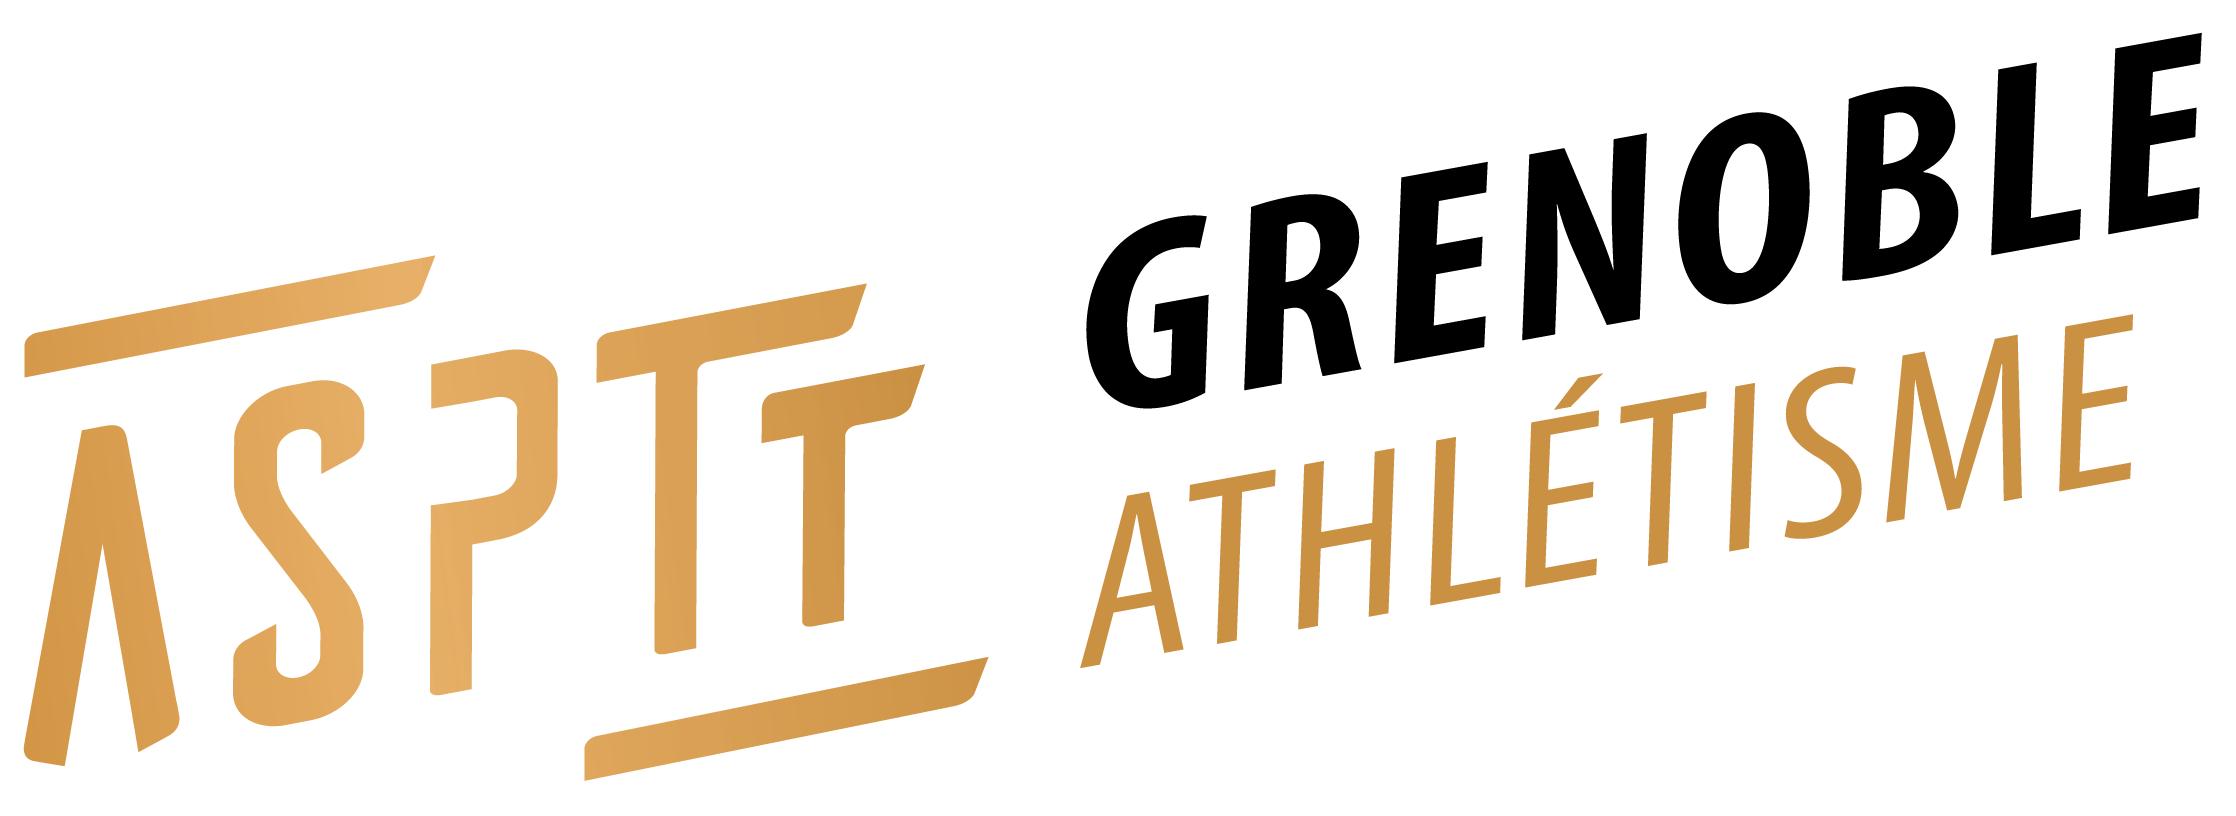 Asptt grenoble athletisme